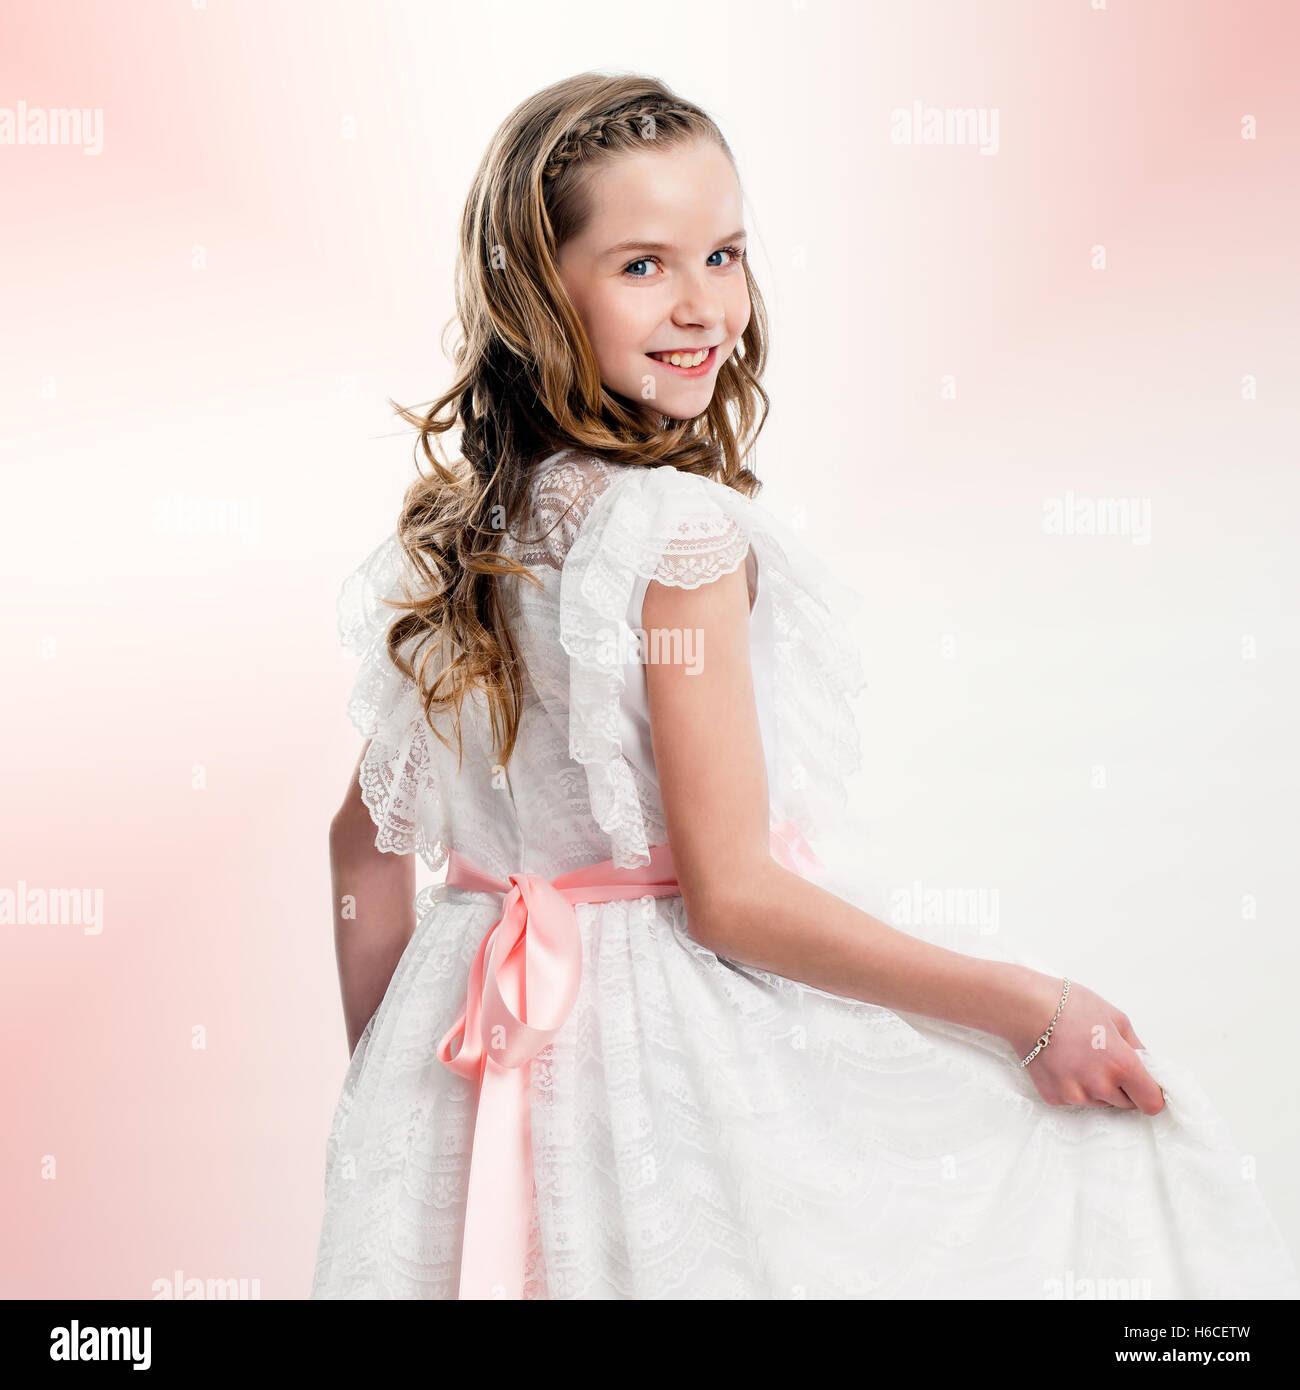 Studioportrait Von Netten Mädchen In Kommunion Kleid Hautnah